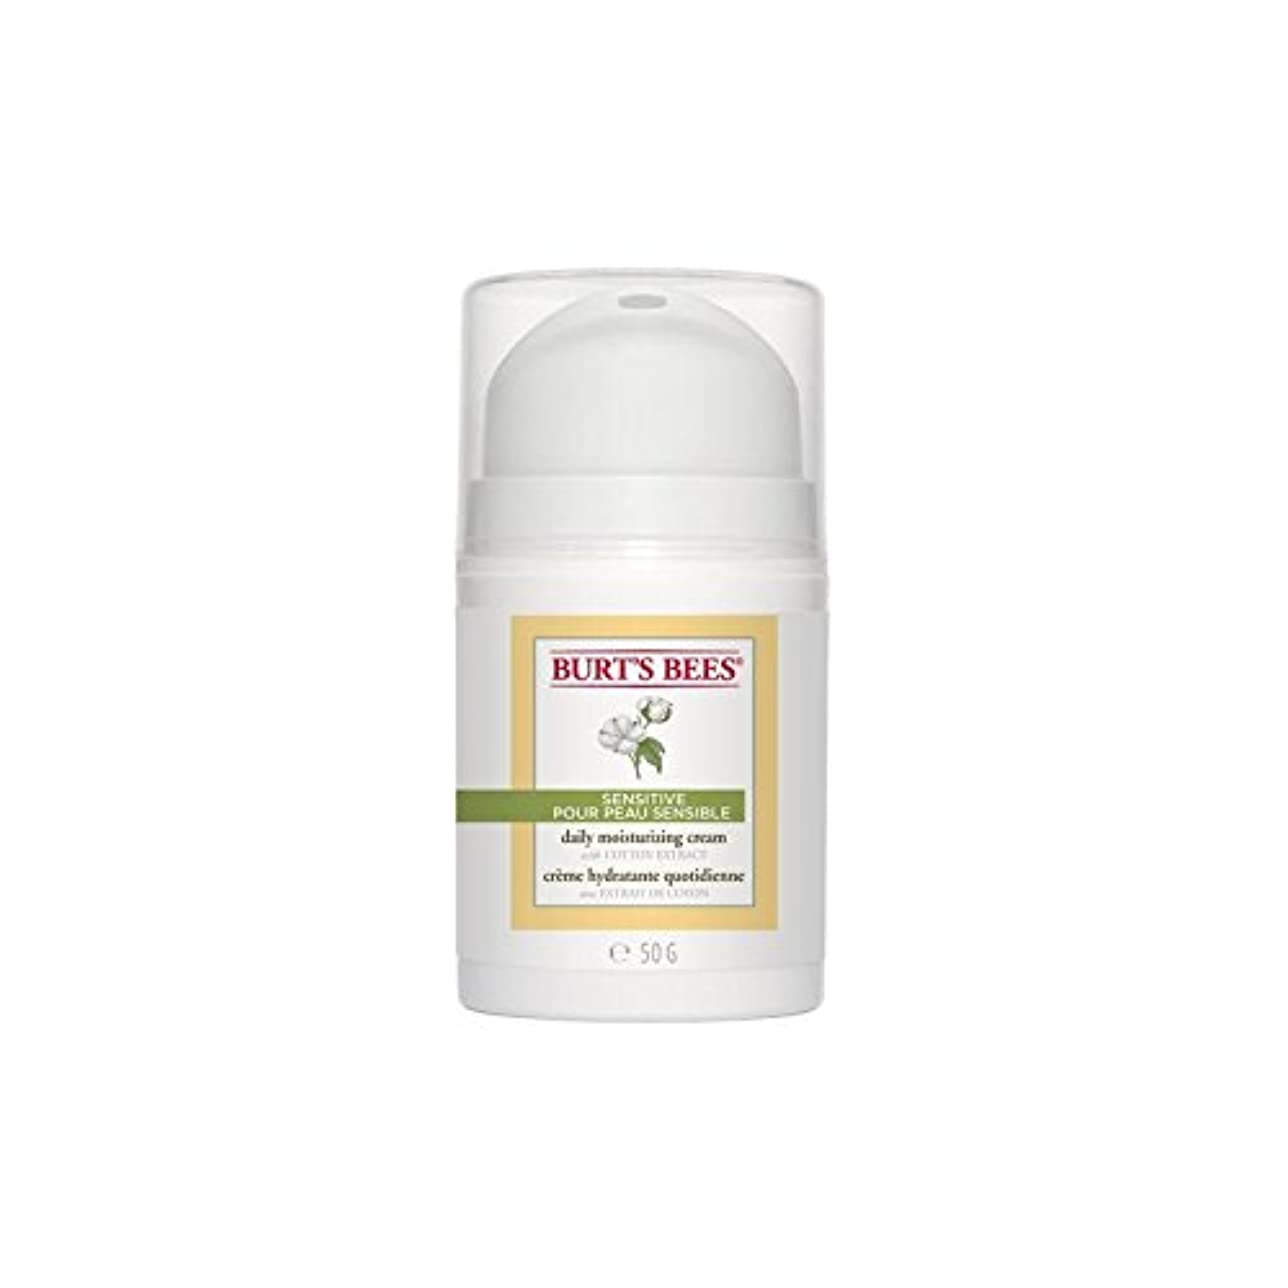 ヒューム者アフリカバーツビー敏感毎日保湿クリーム50グラム x4 - Burt's Bees Sensitive Daily Moisturising Cream 50G (Pack of 4) [並行輸入品]